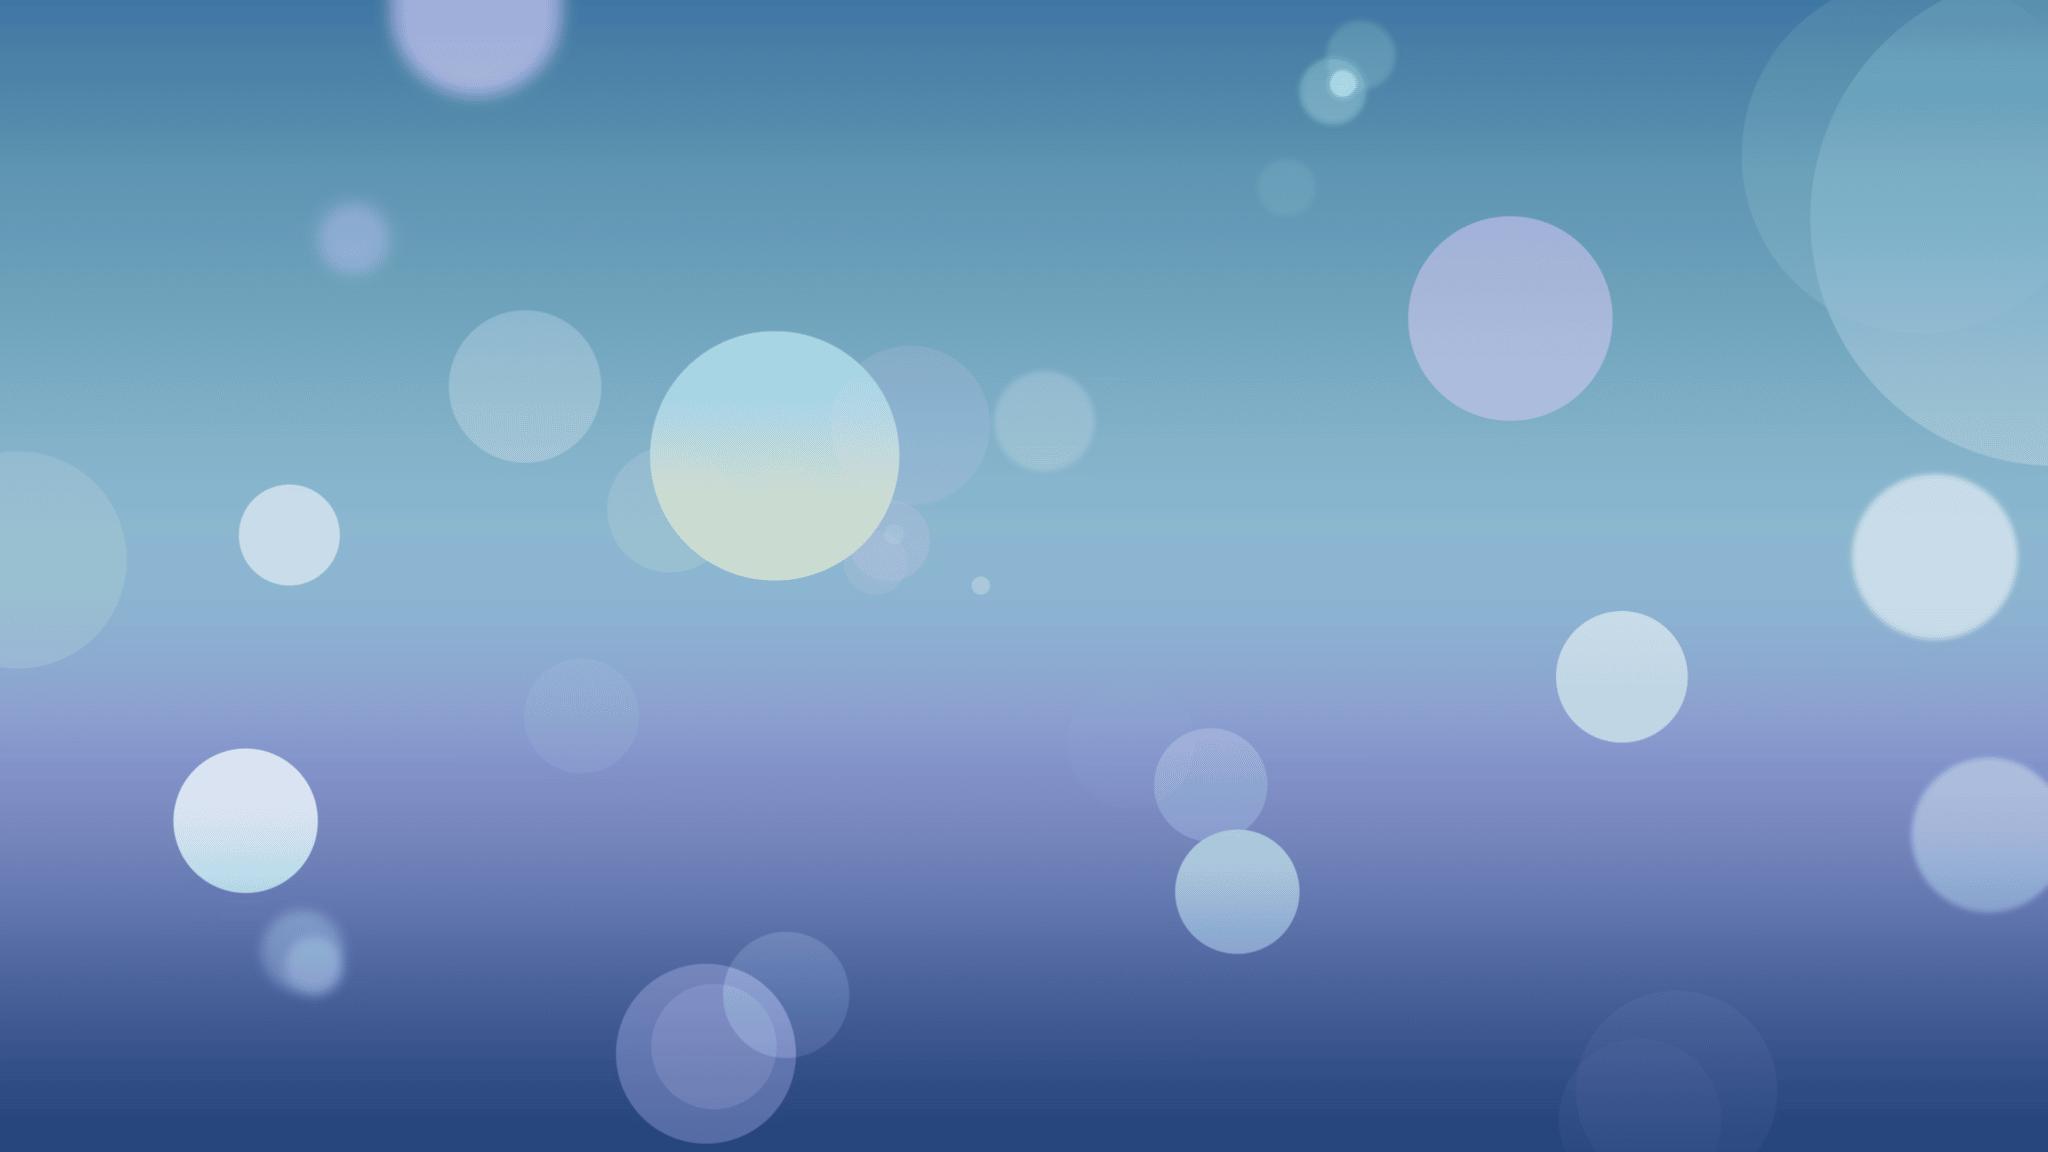 Wallpaper IOS 7 Full HD